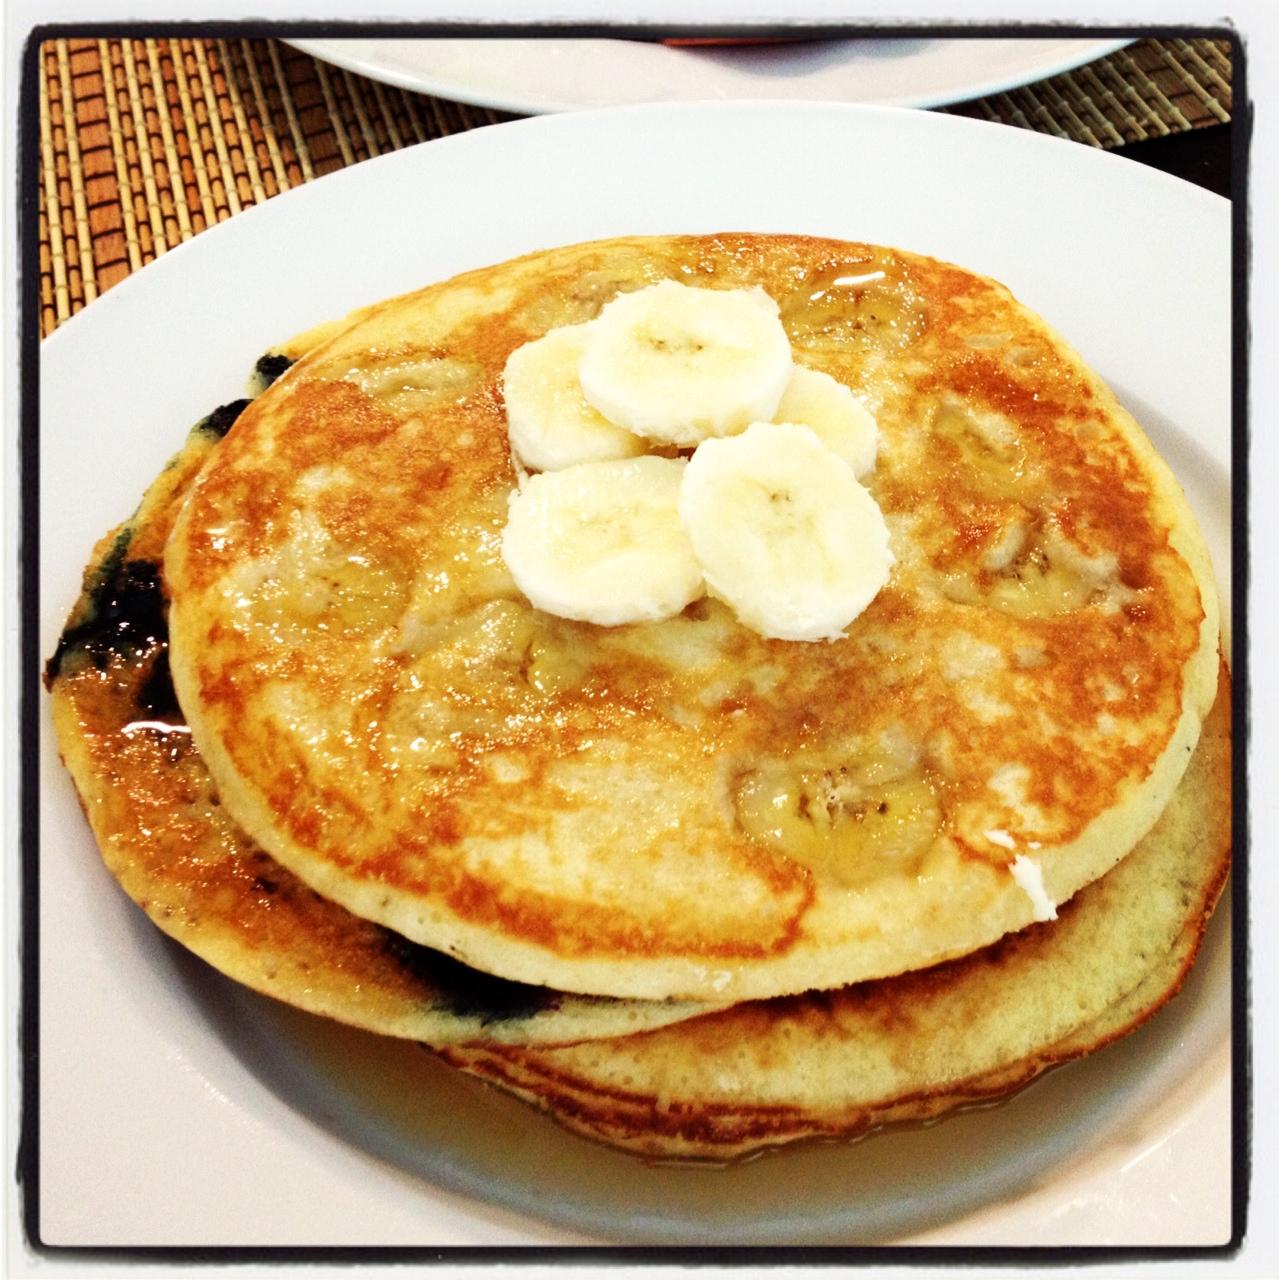 Smitten Kitchen Pancakes: Sweets & Sass